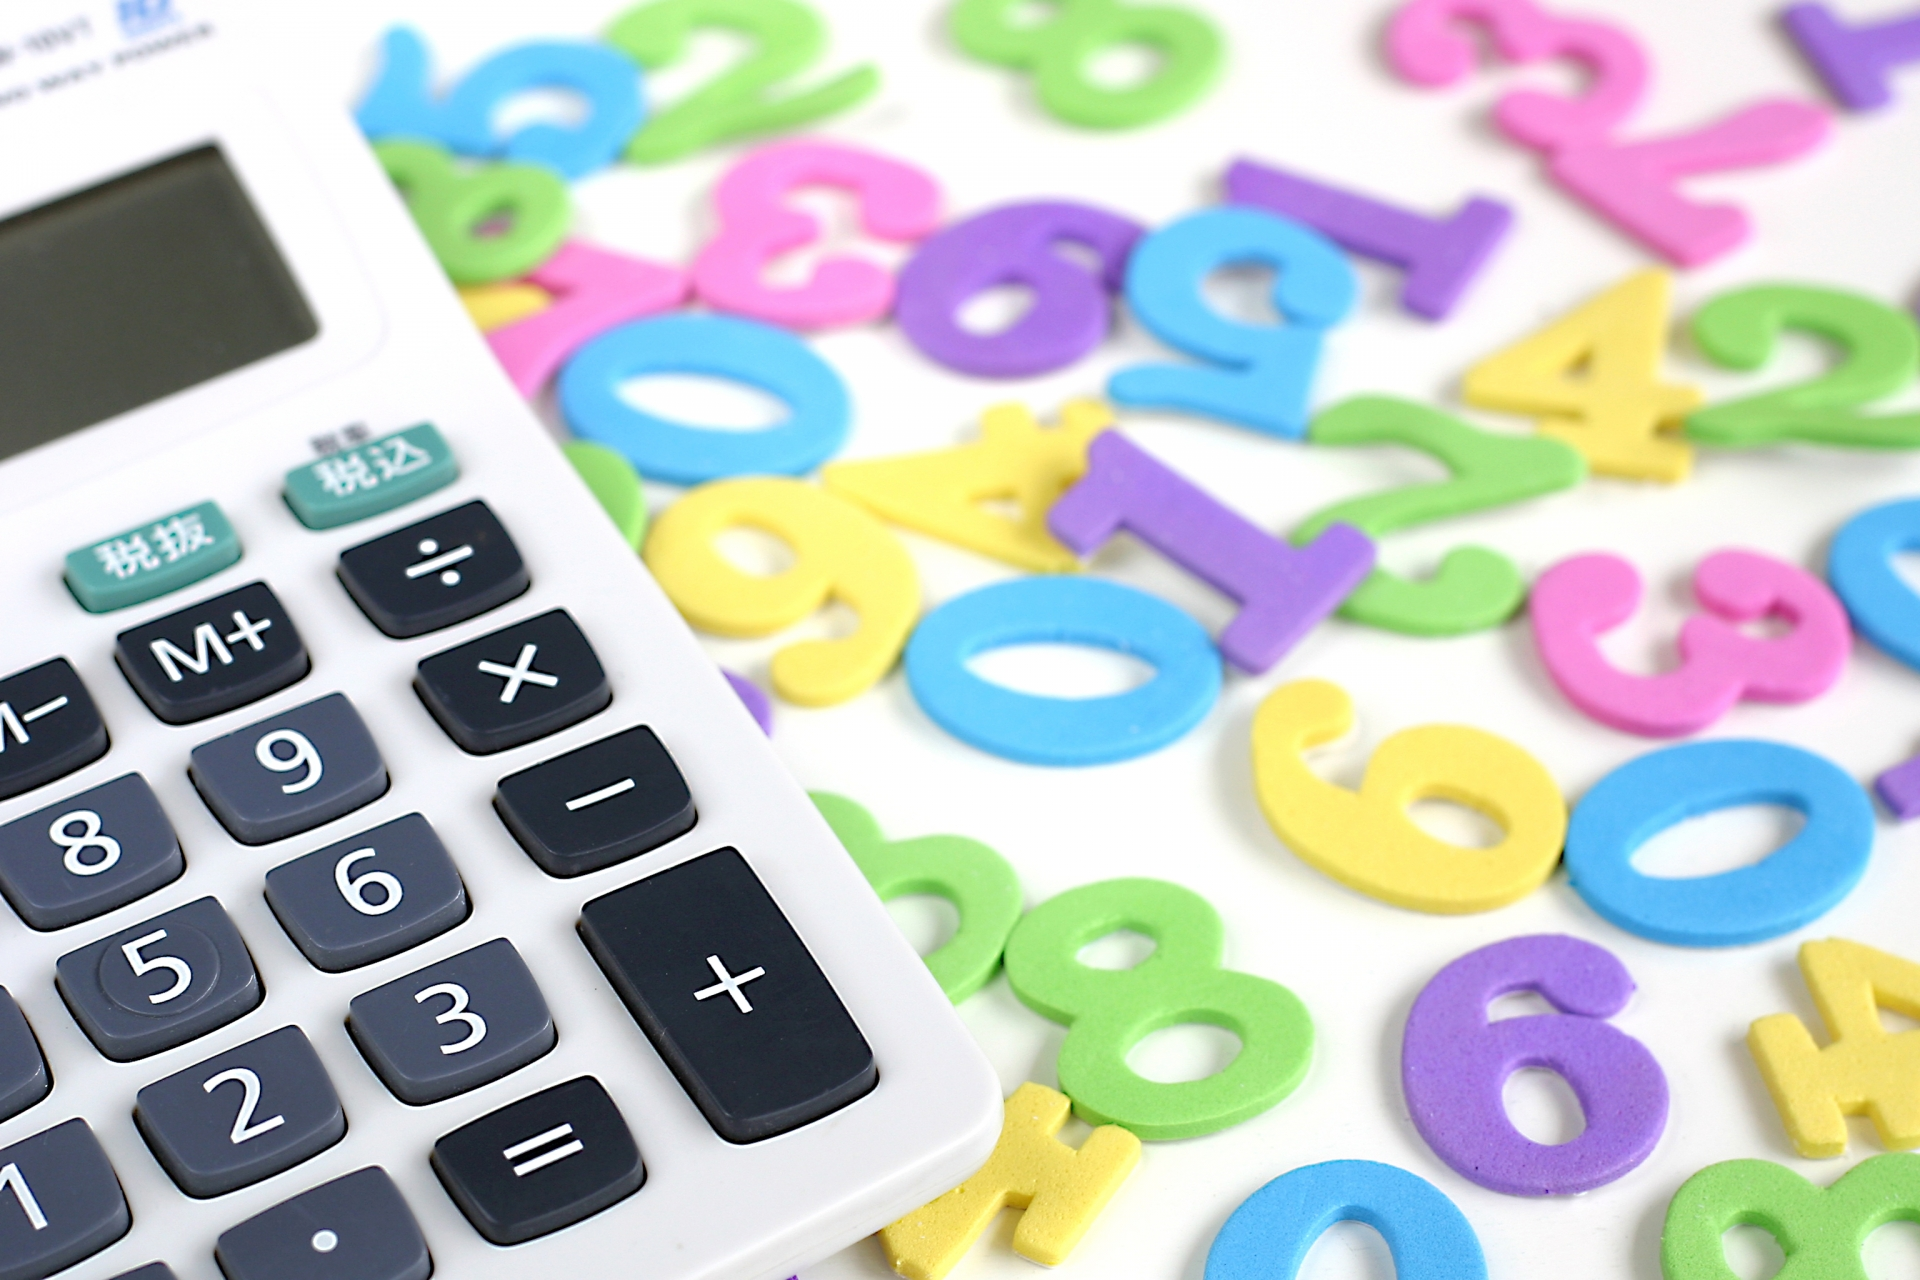 歩合制の給与計算